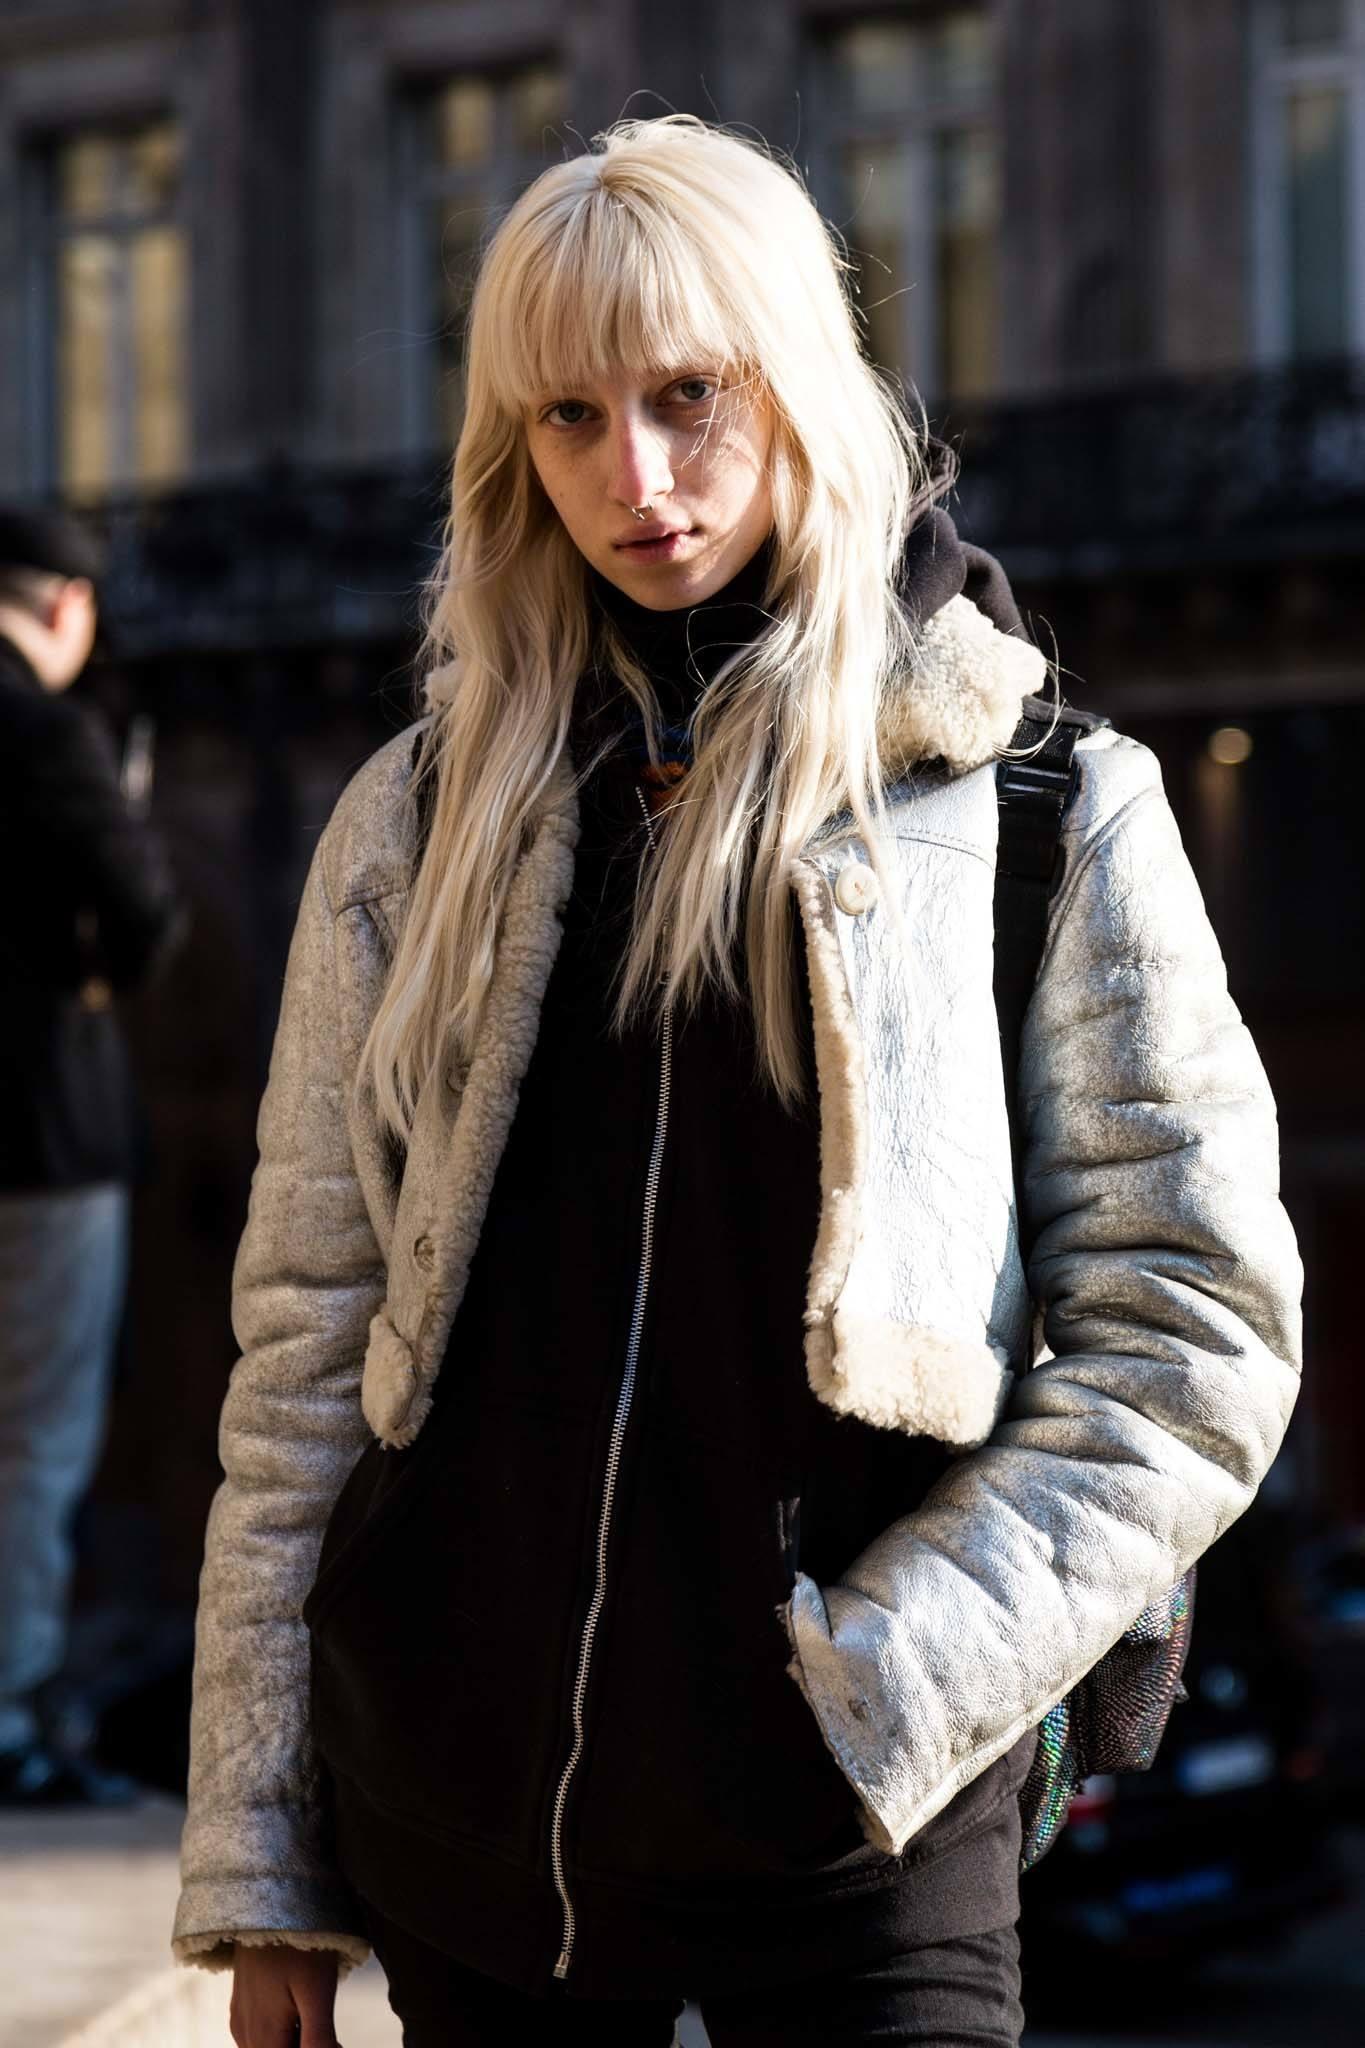 Prise de vue d'un mannequin de style urbain avec de longs cheveux blonds cendrés et une frange complète, portant des vêtements d'hiver et posant à l'extérieur.